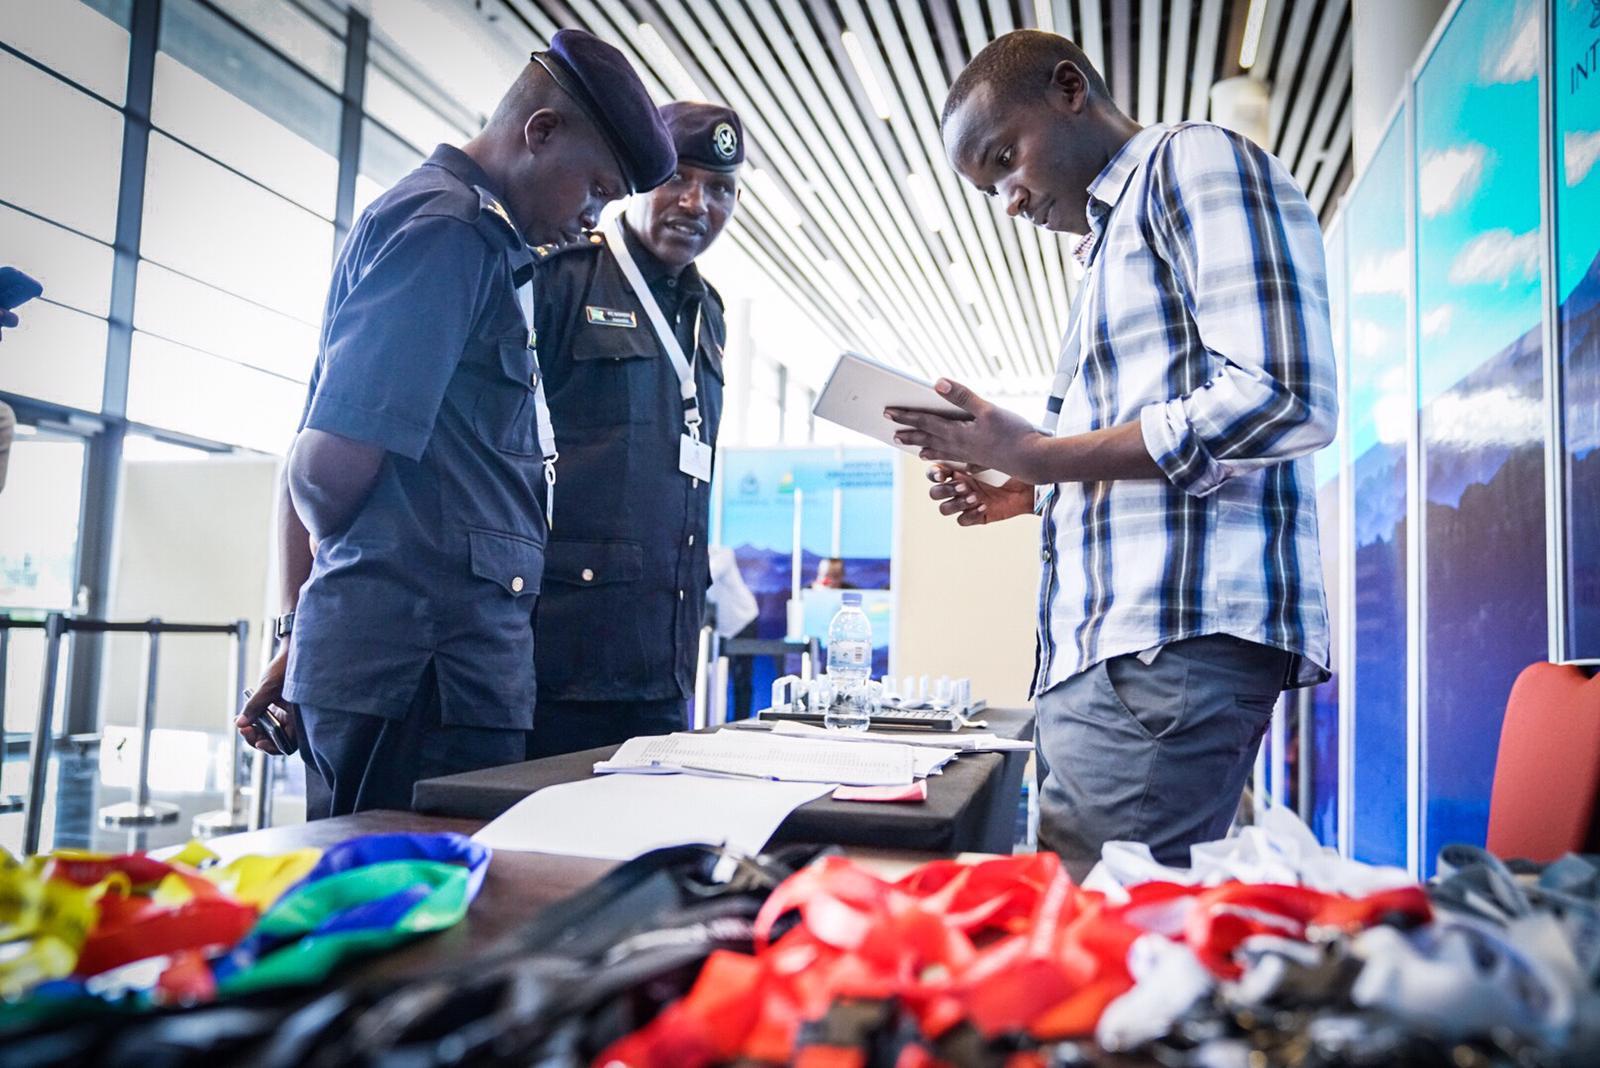 La 24ème Conférence régionale africaine d'INTERPOL a lieu à Kigali (Rwanda) du 5 au 7 février.